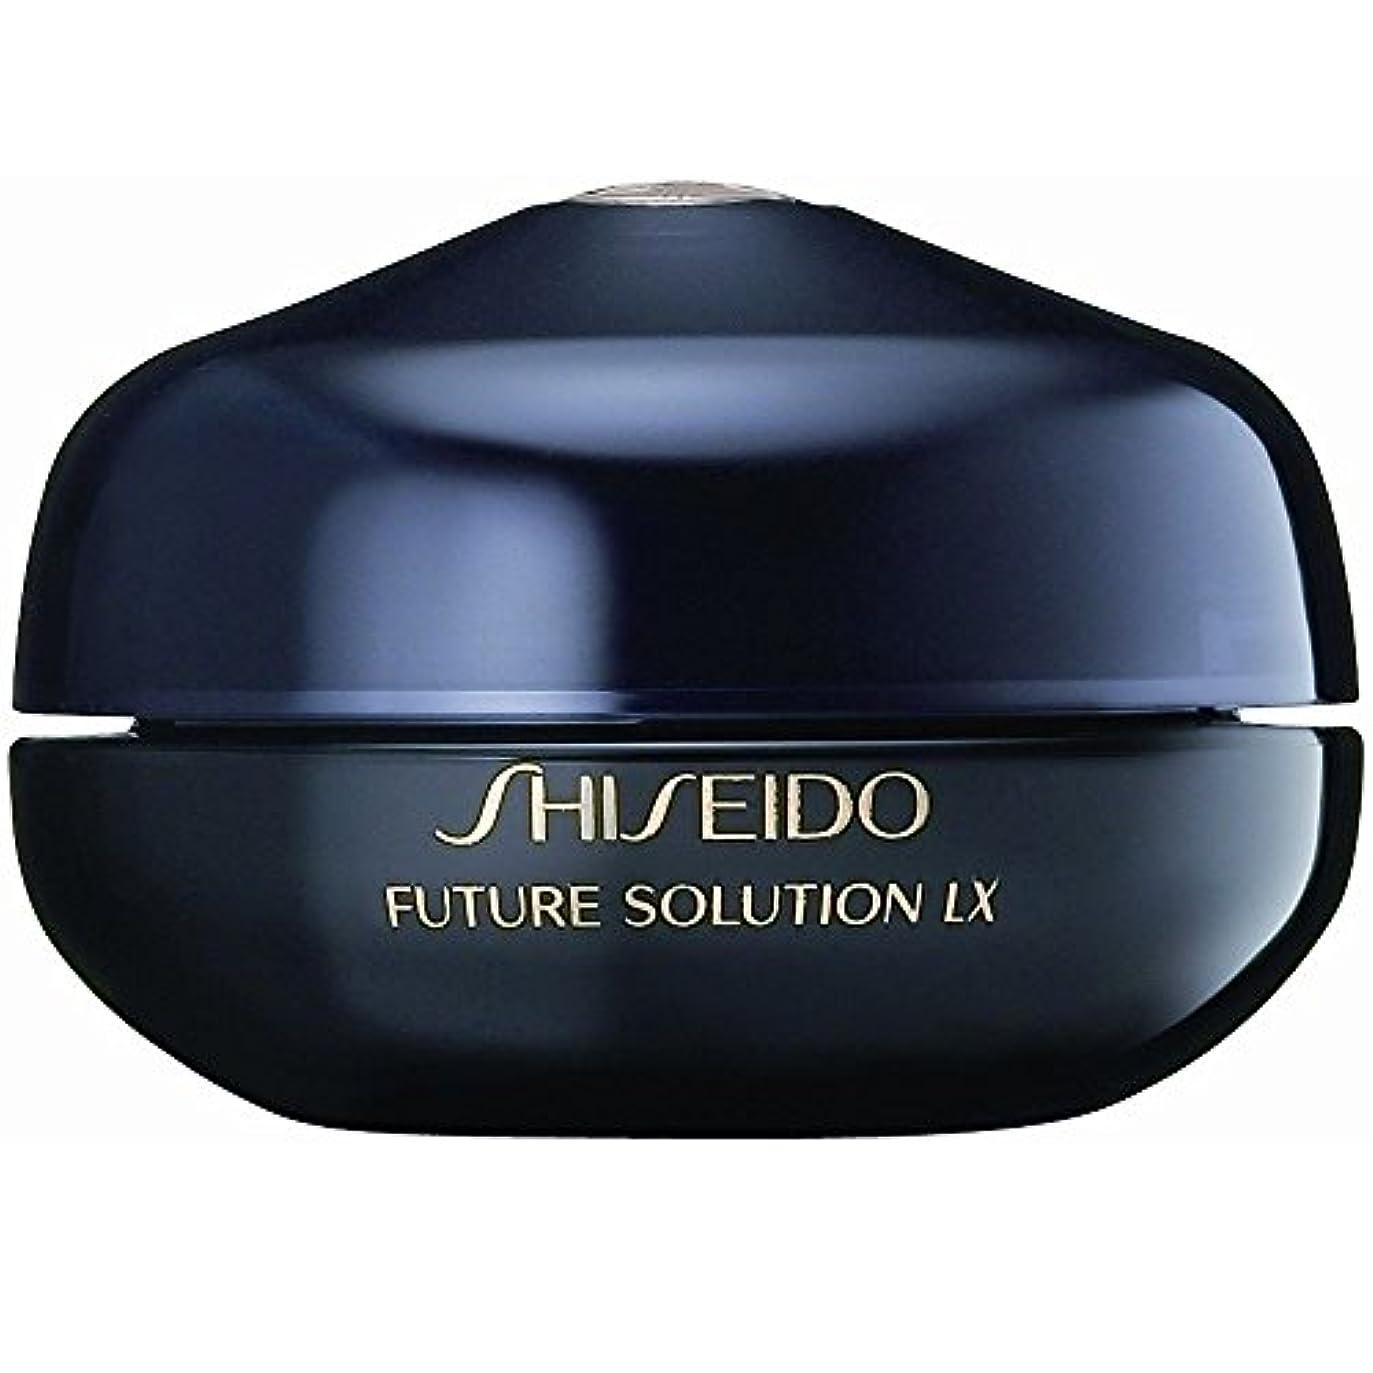 手つかずの構想する立場[Shiseido] 資生堂フューチャーソリューションLxの目と唇の輪郭再生クリーム15Ml - Shiseido Future Solution Lx Eye And Lip Contour Regenerating...